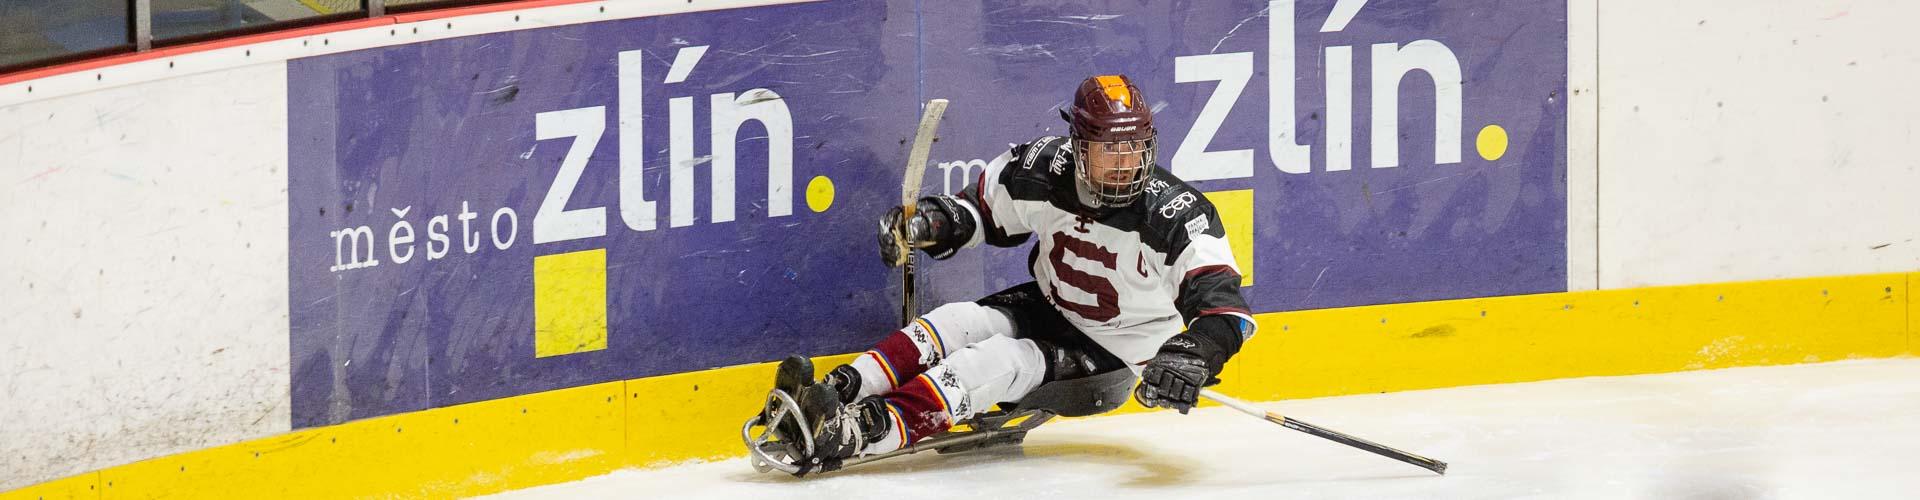 Sledge hokejista na ledě ve Zlíně.